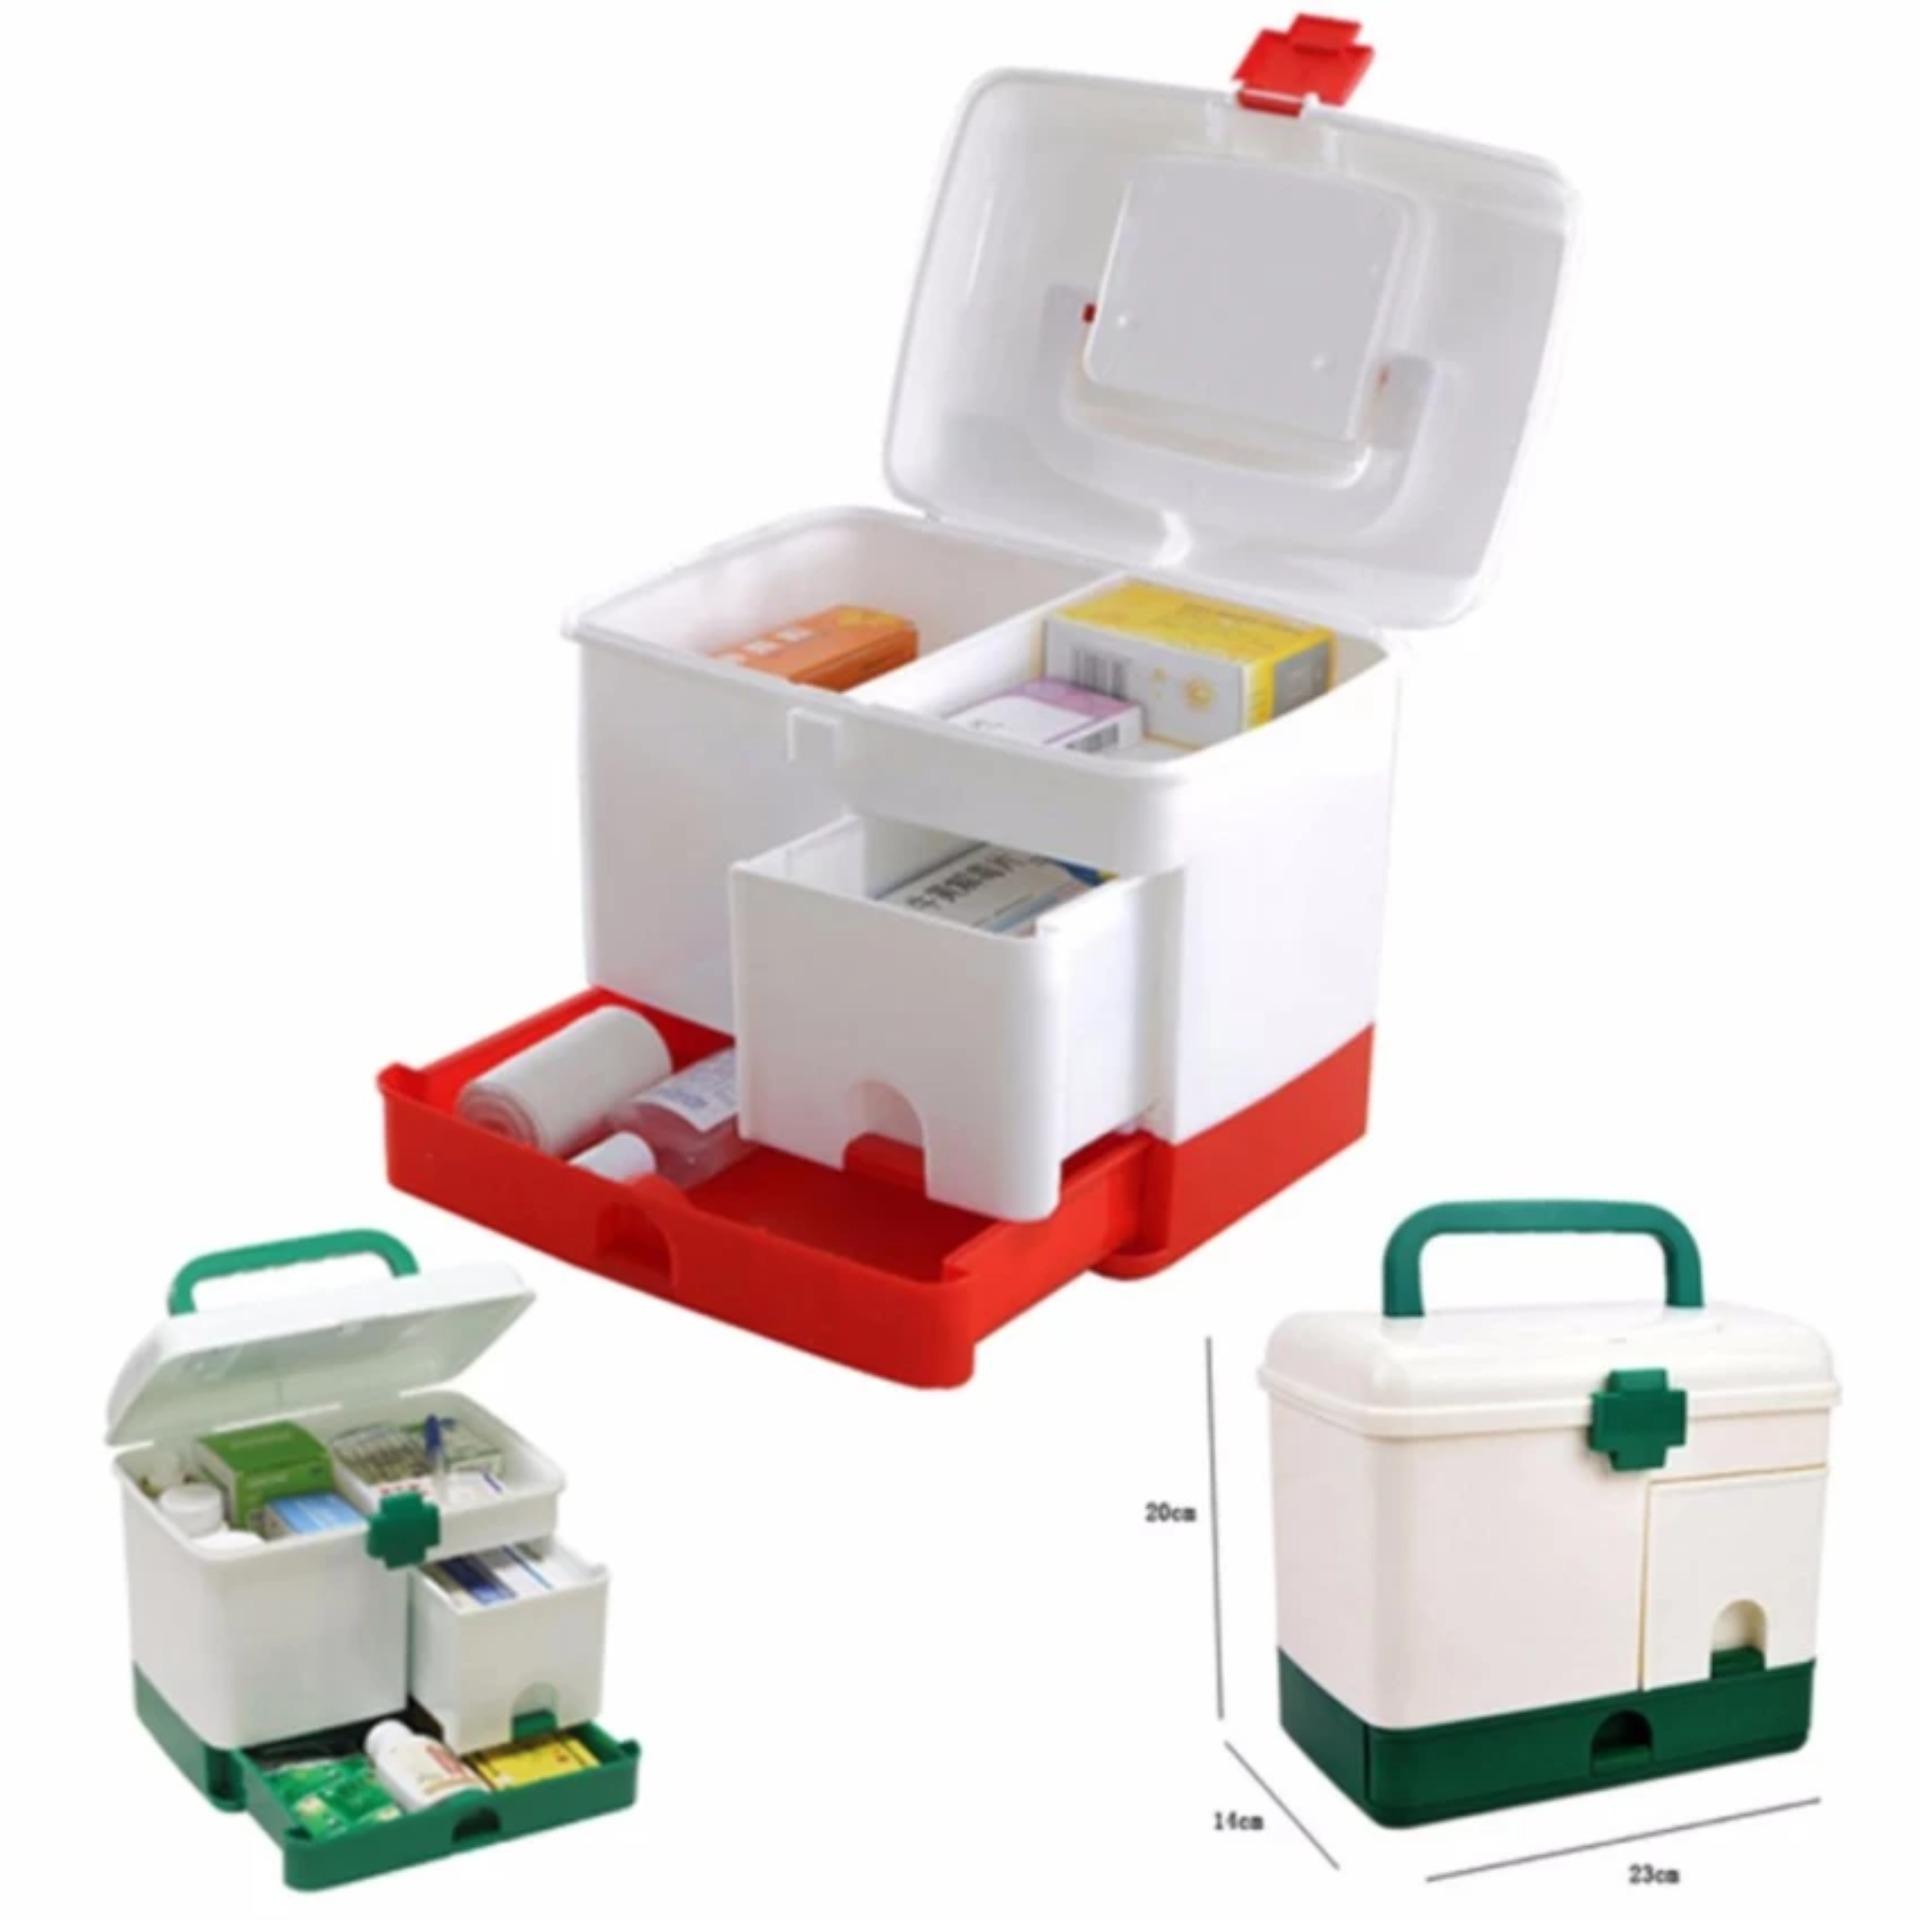 Hộp đựng thuốc y tế 4 món 3 tầng dành cho gia đình – HD076